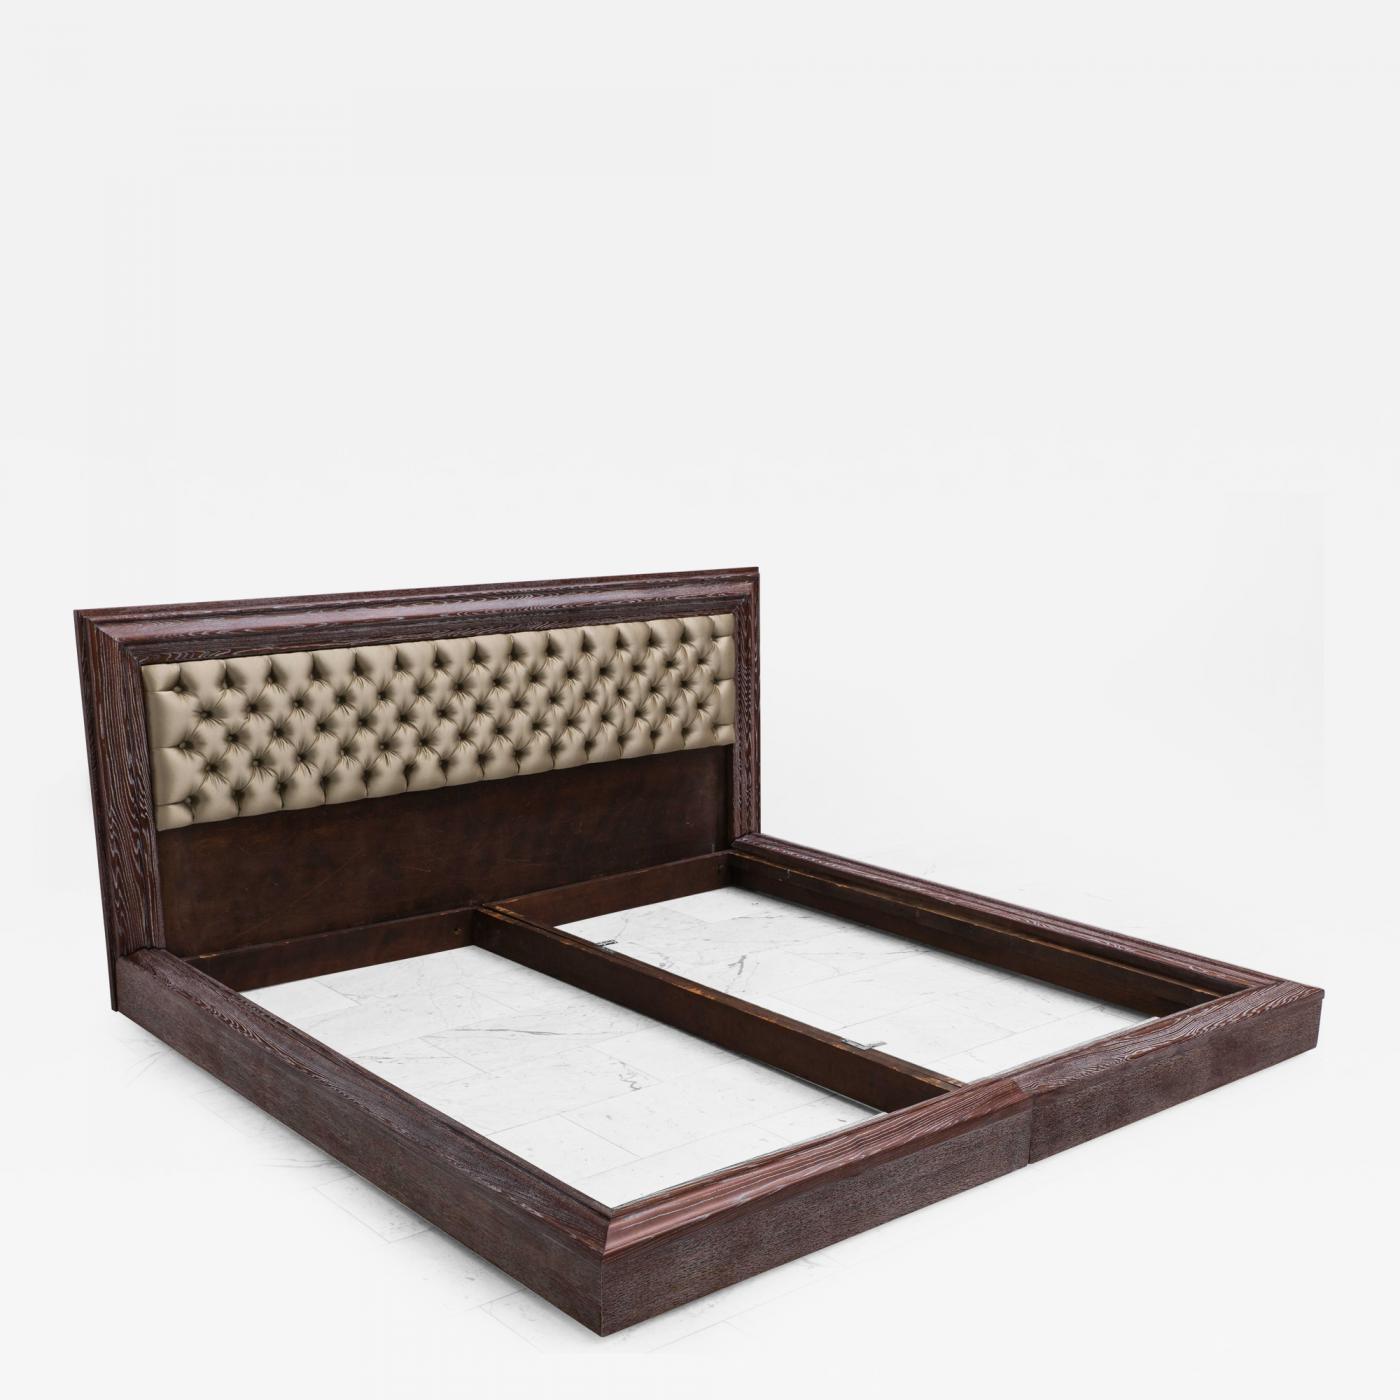 james mont james mont grey cerused fumed oak king size bed usa. Black Bedroom Furniture Sets. Home Design Ideas